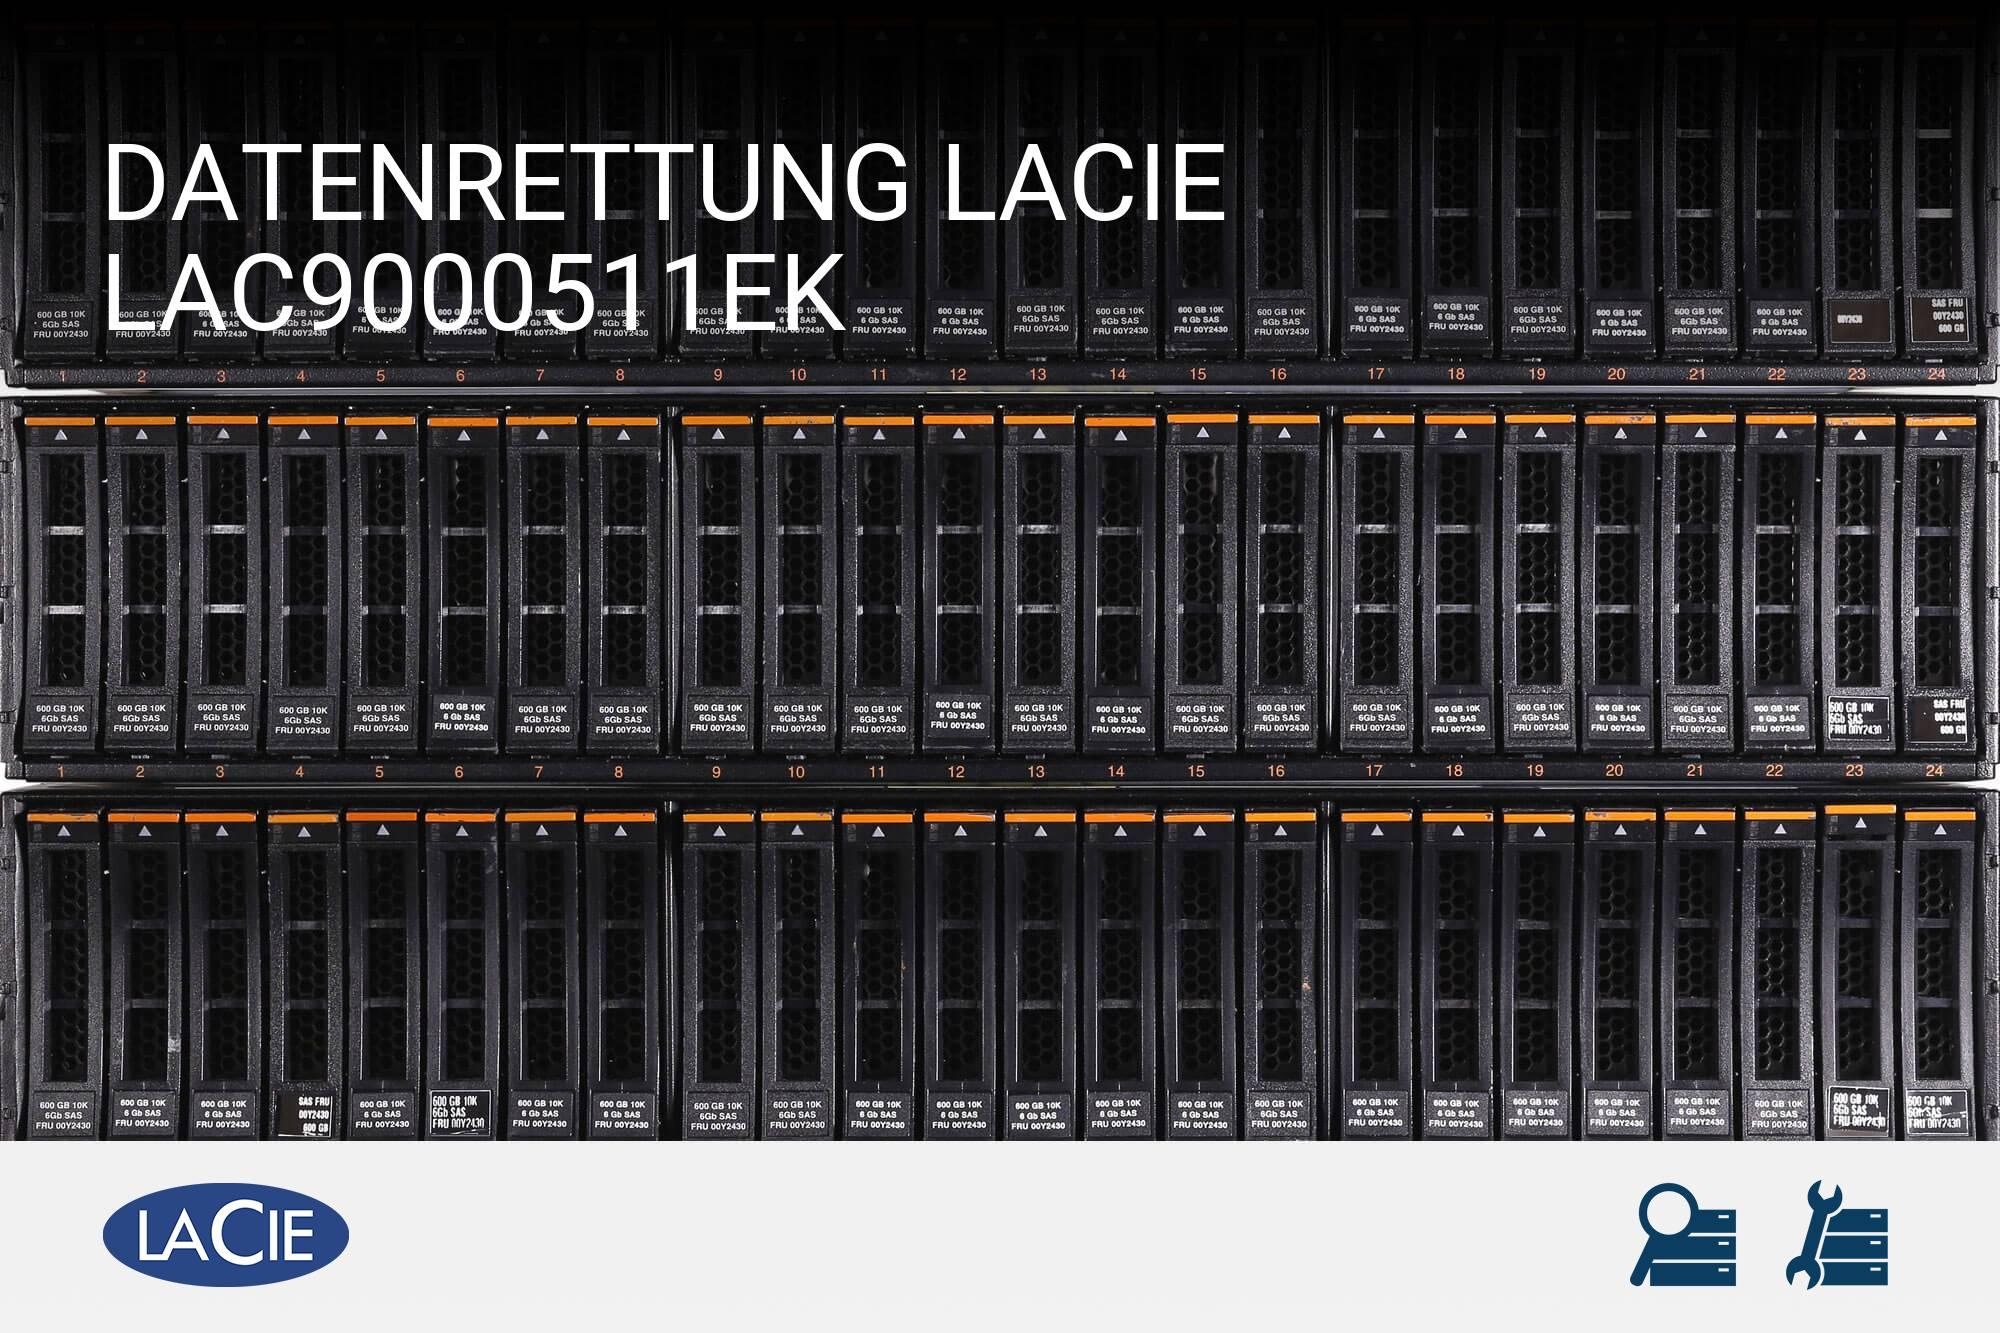 LaCie LAC9000511EK